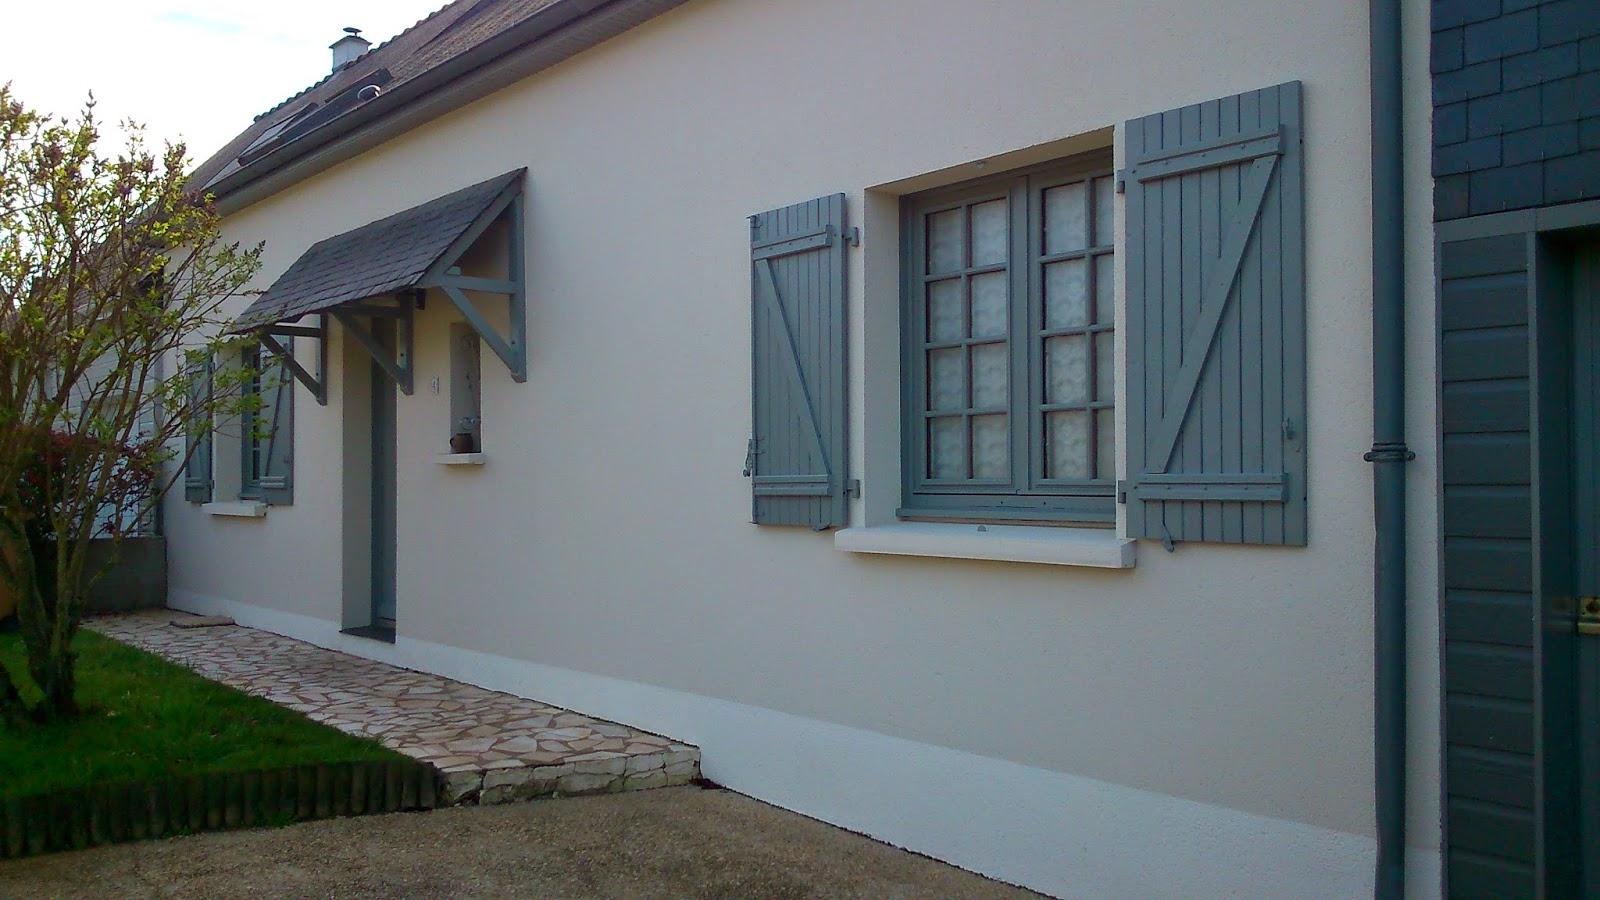 Jrenovabita peinture exterieur - Peinture terrasse bois exterieure ...